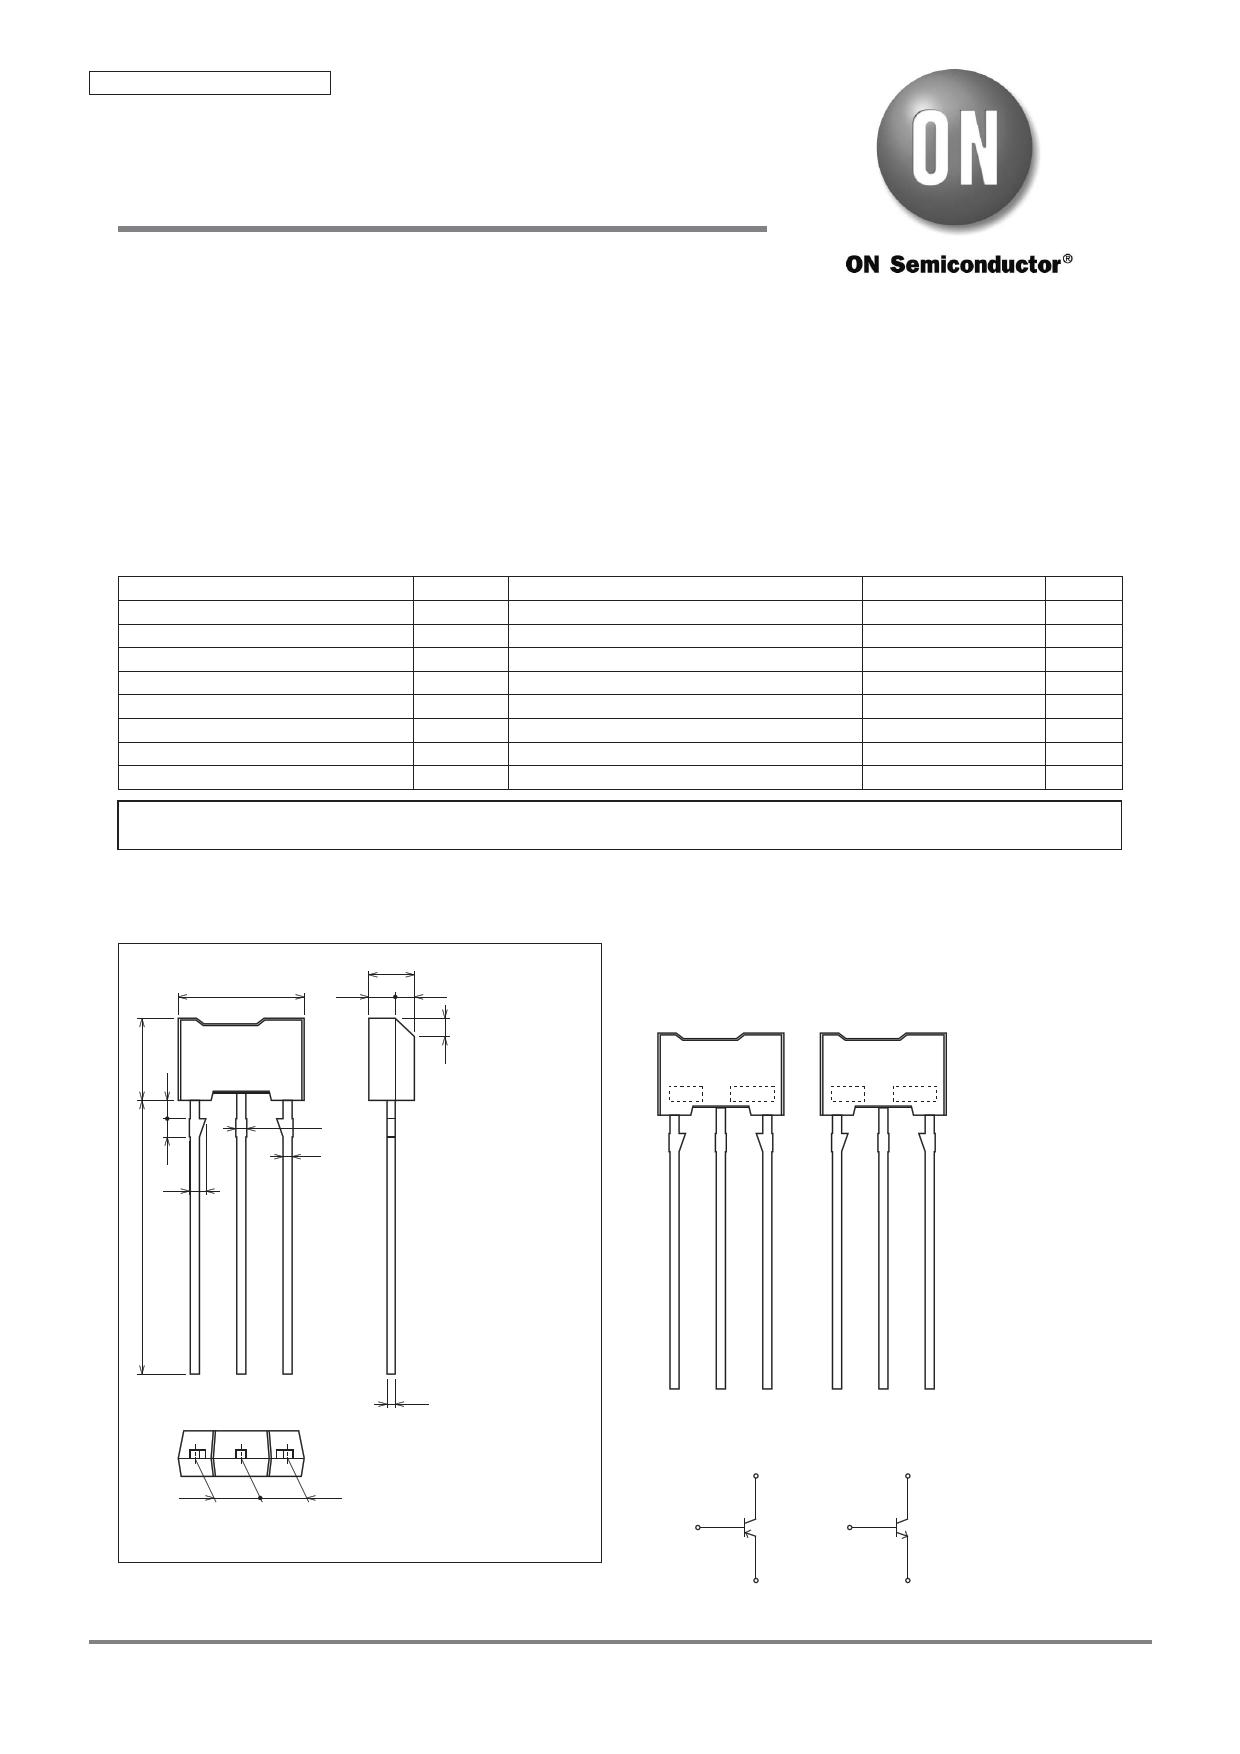 2SA1709 데이터시트 및 2SA1709 PDF